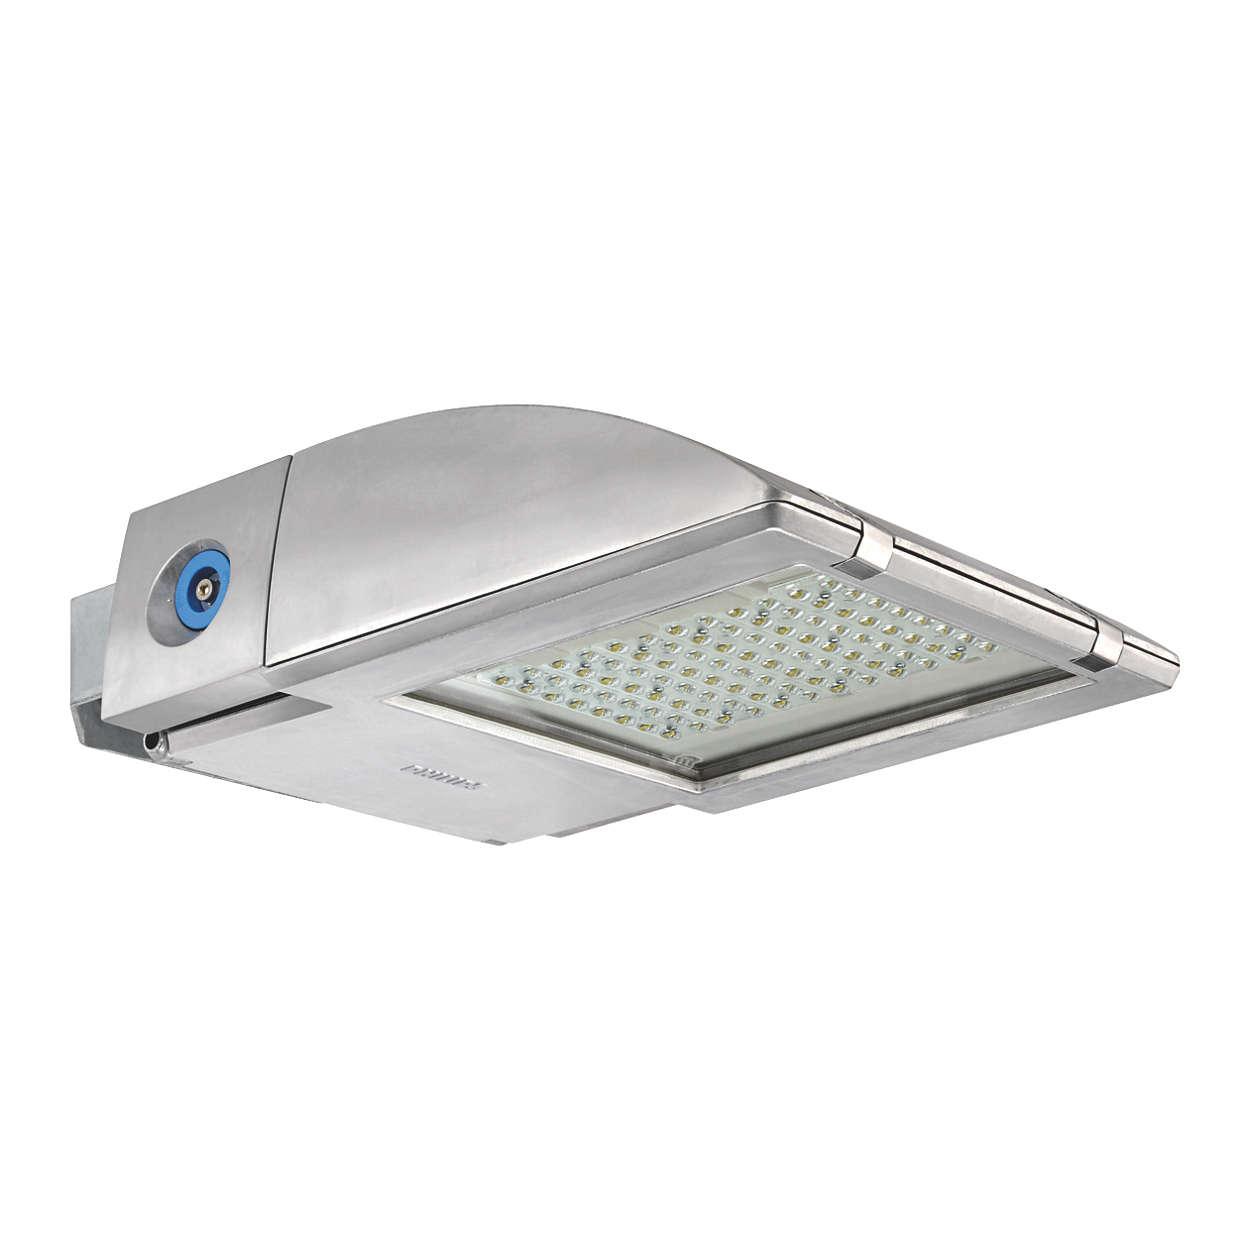 OptiFlood LED – all you need for area lighting